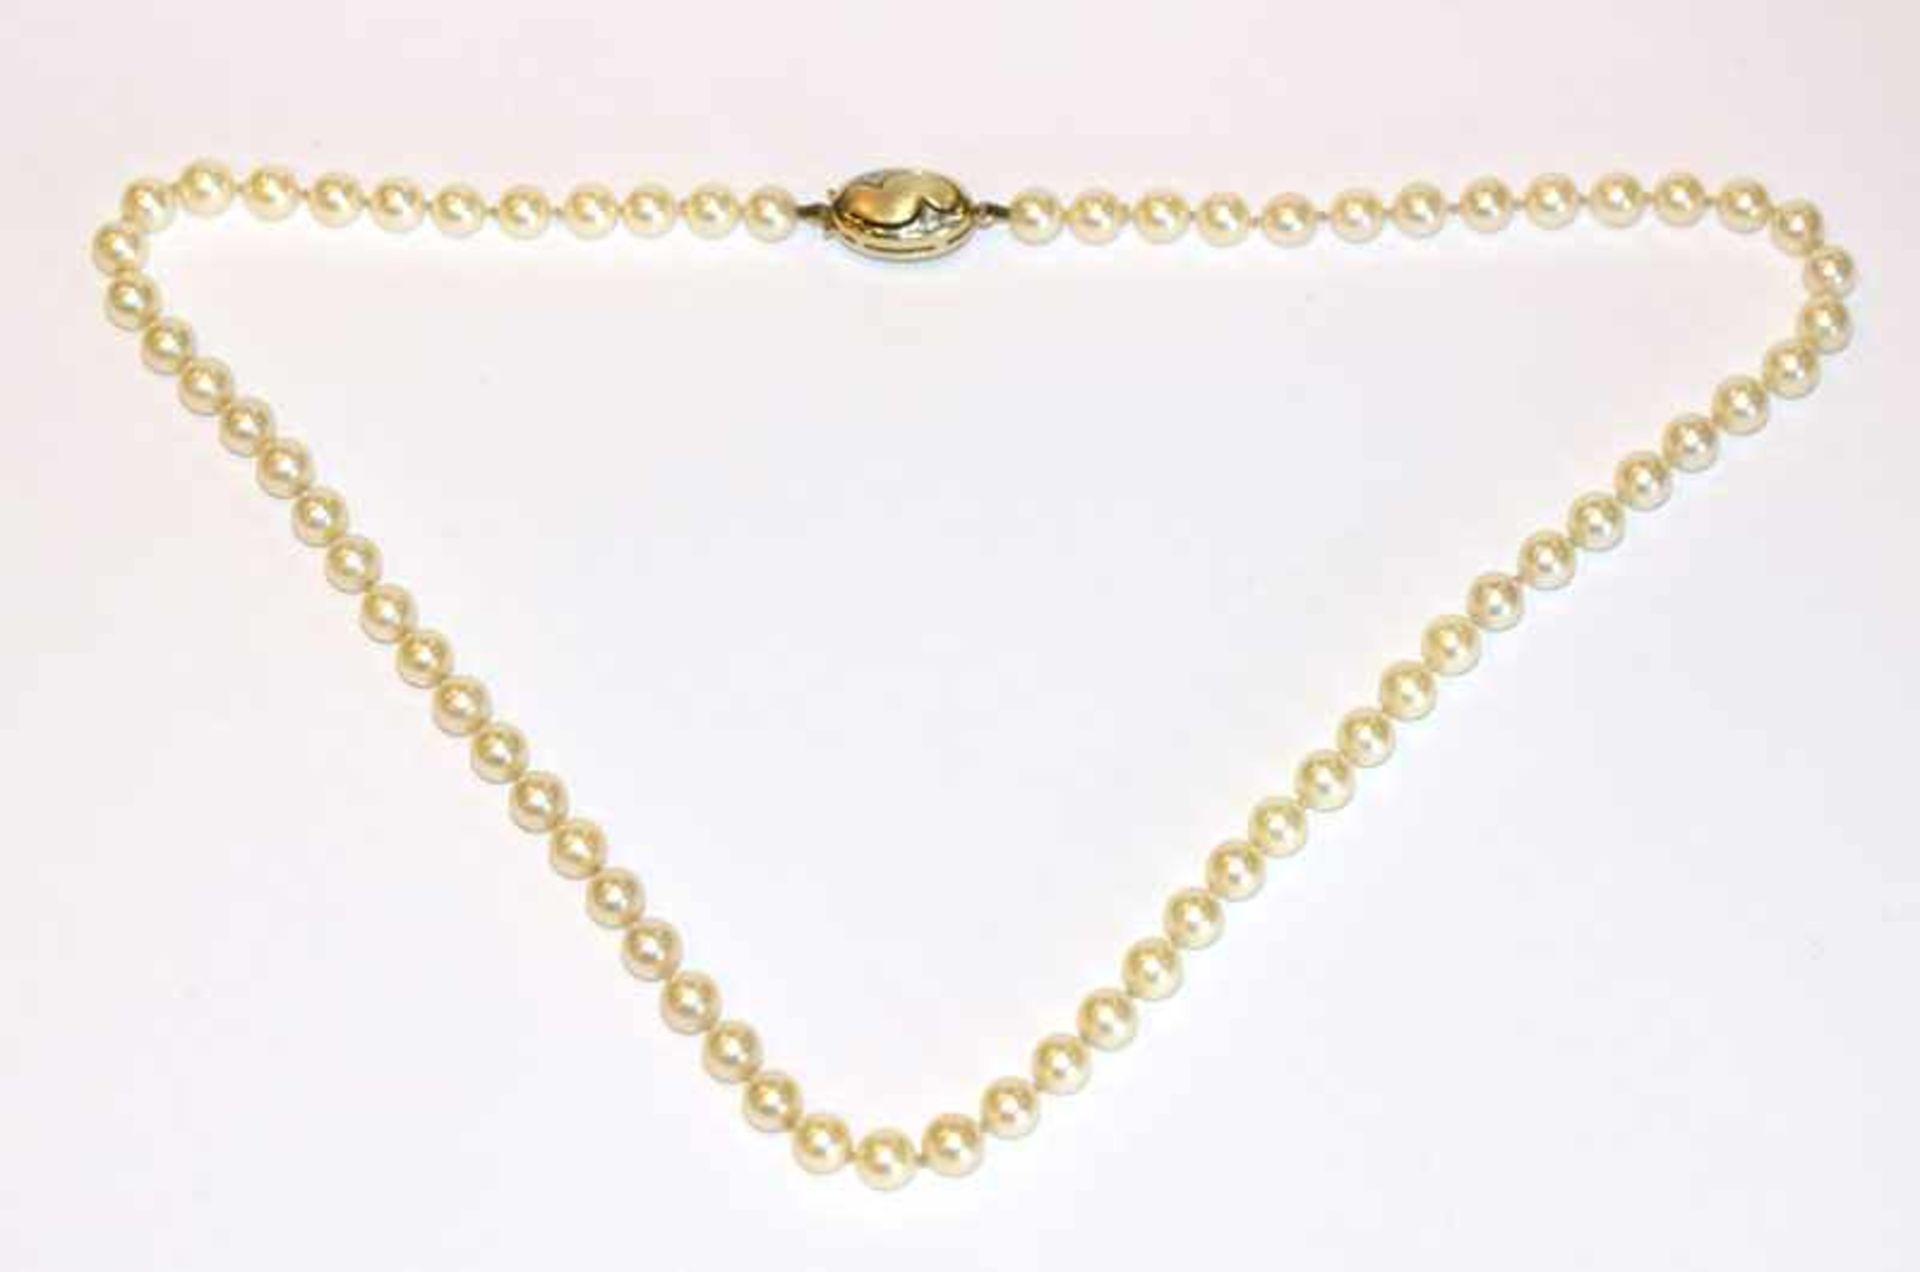 Los 28 - Perlenkette mit 14 k Gelbgold Schließe, L 48 cm